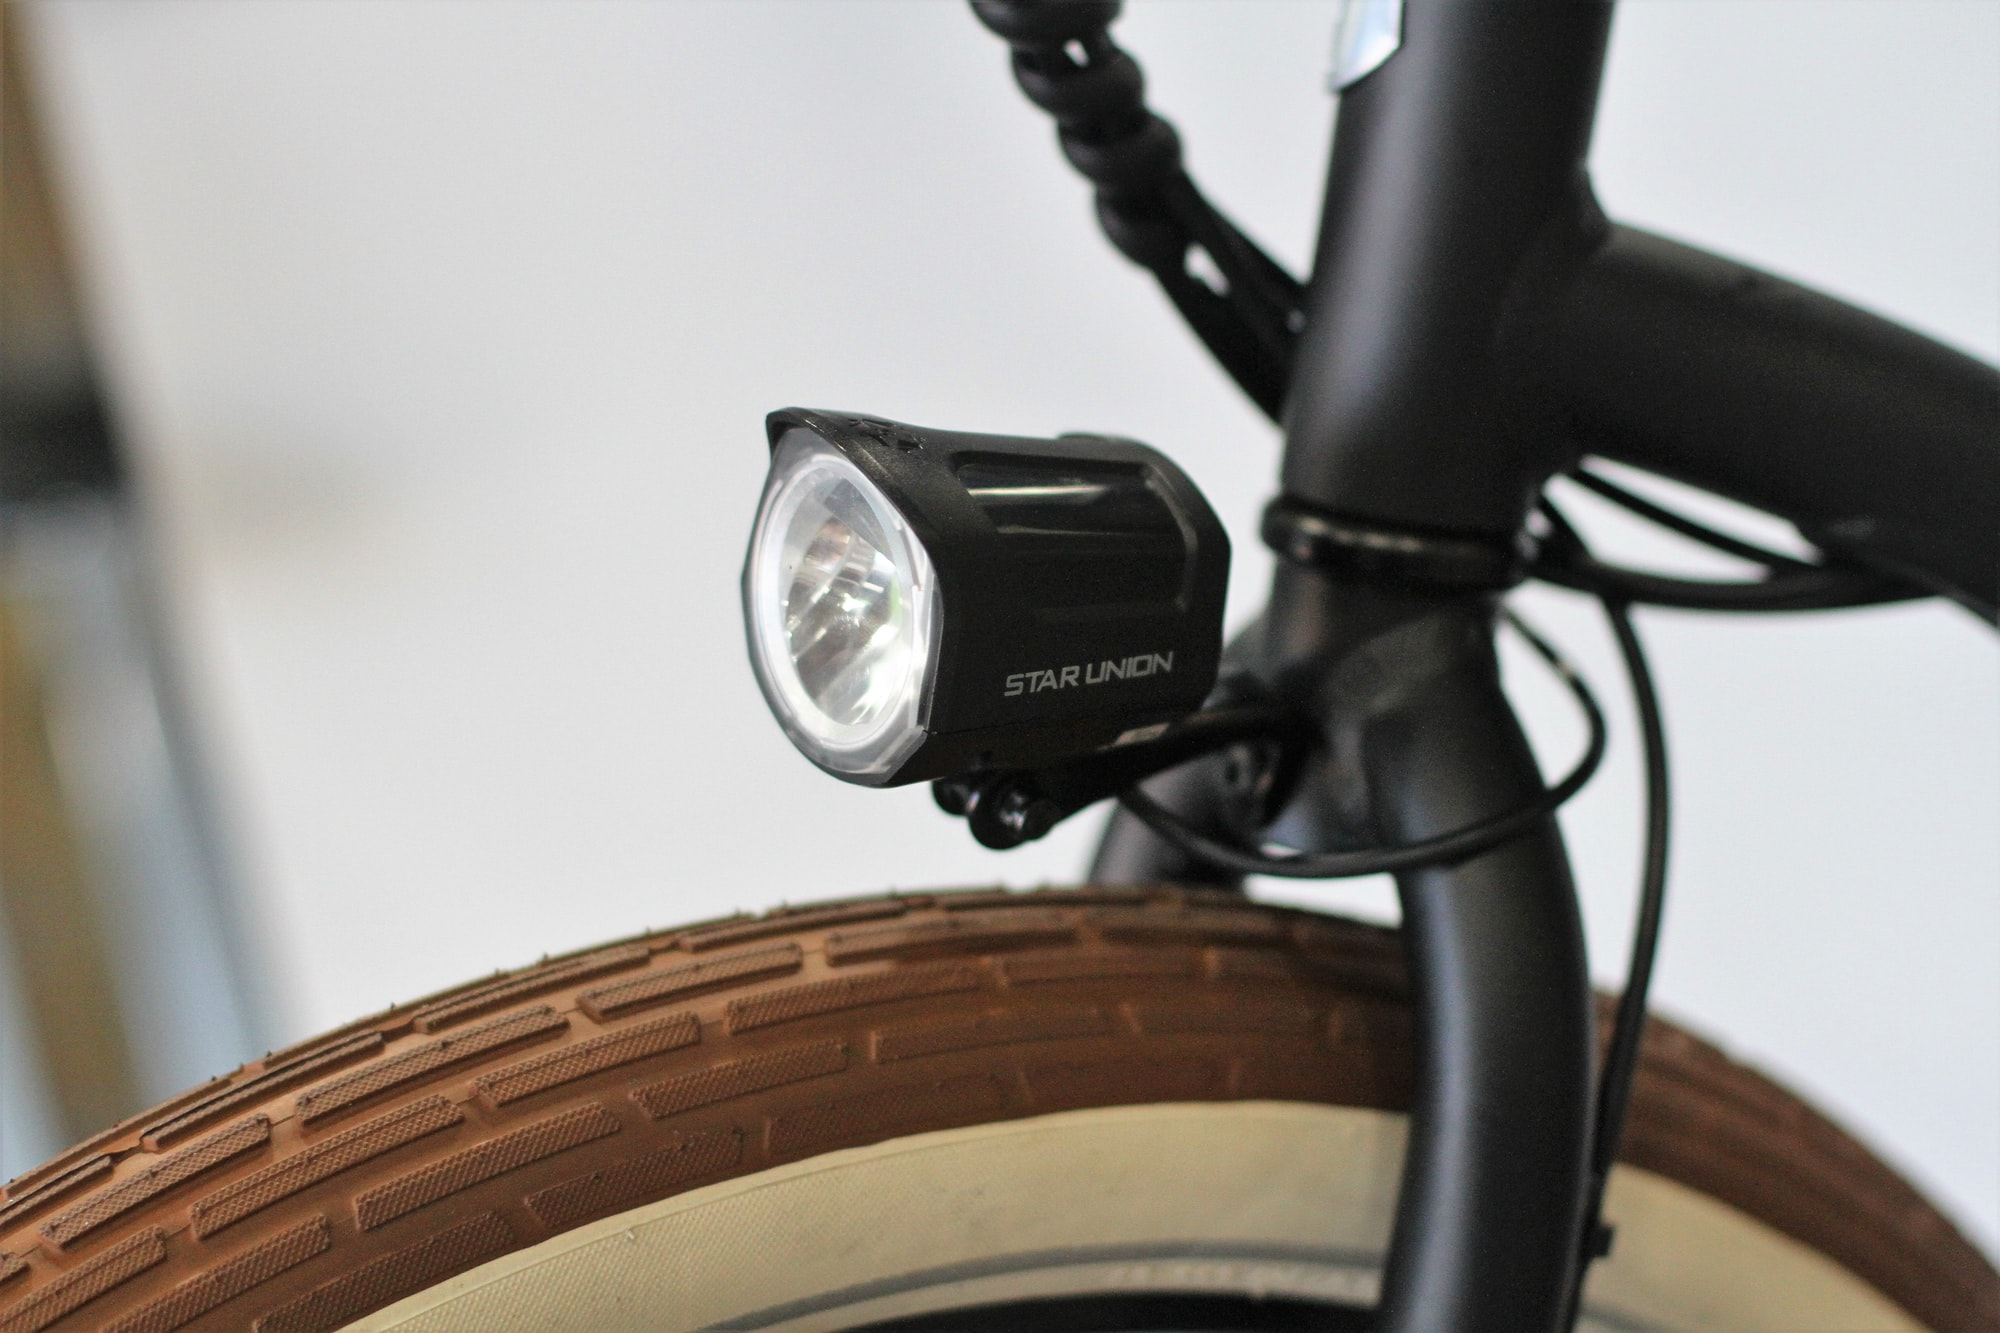 The Brightest Bike Lights for Dark Winter Rides